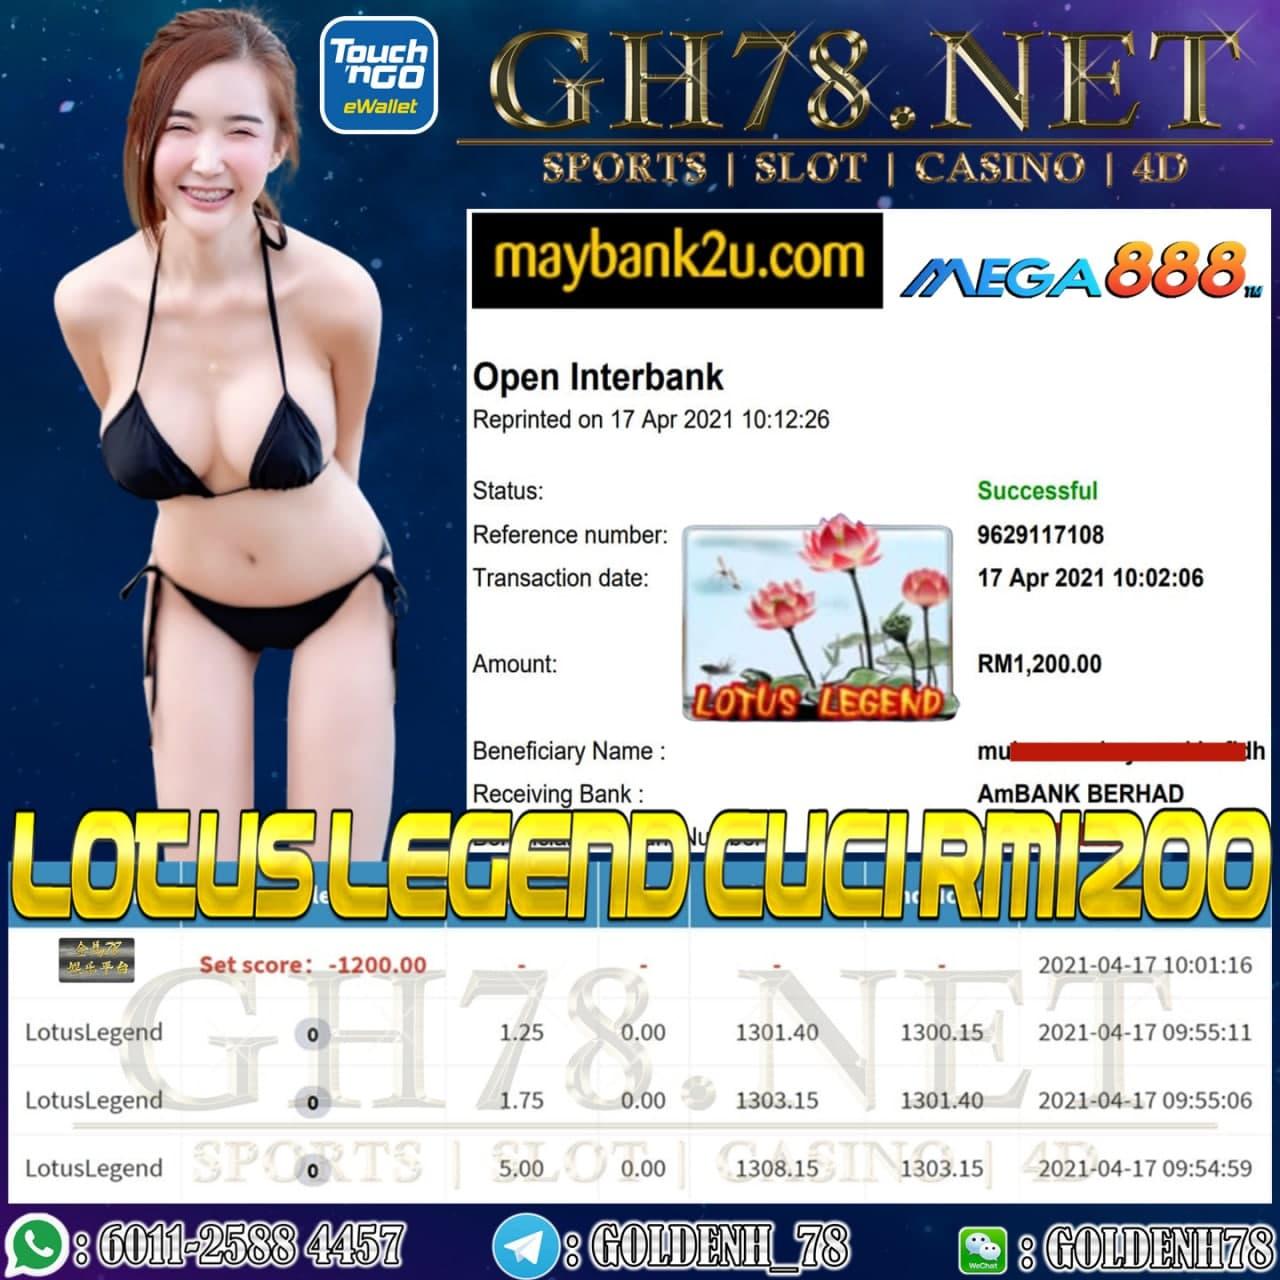 MEGA888 LOTUS LEGEND GAME CUCI RM1200